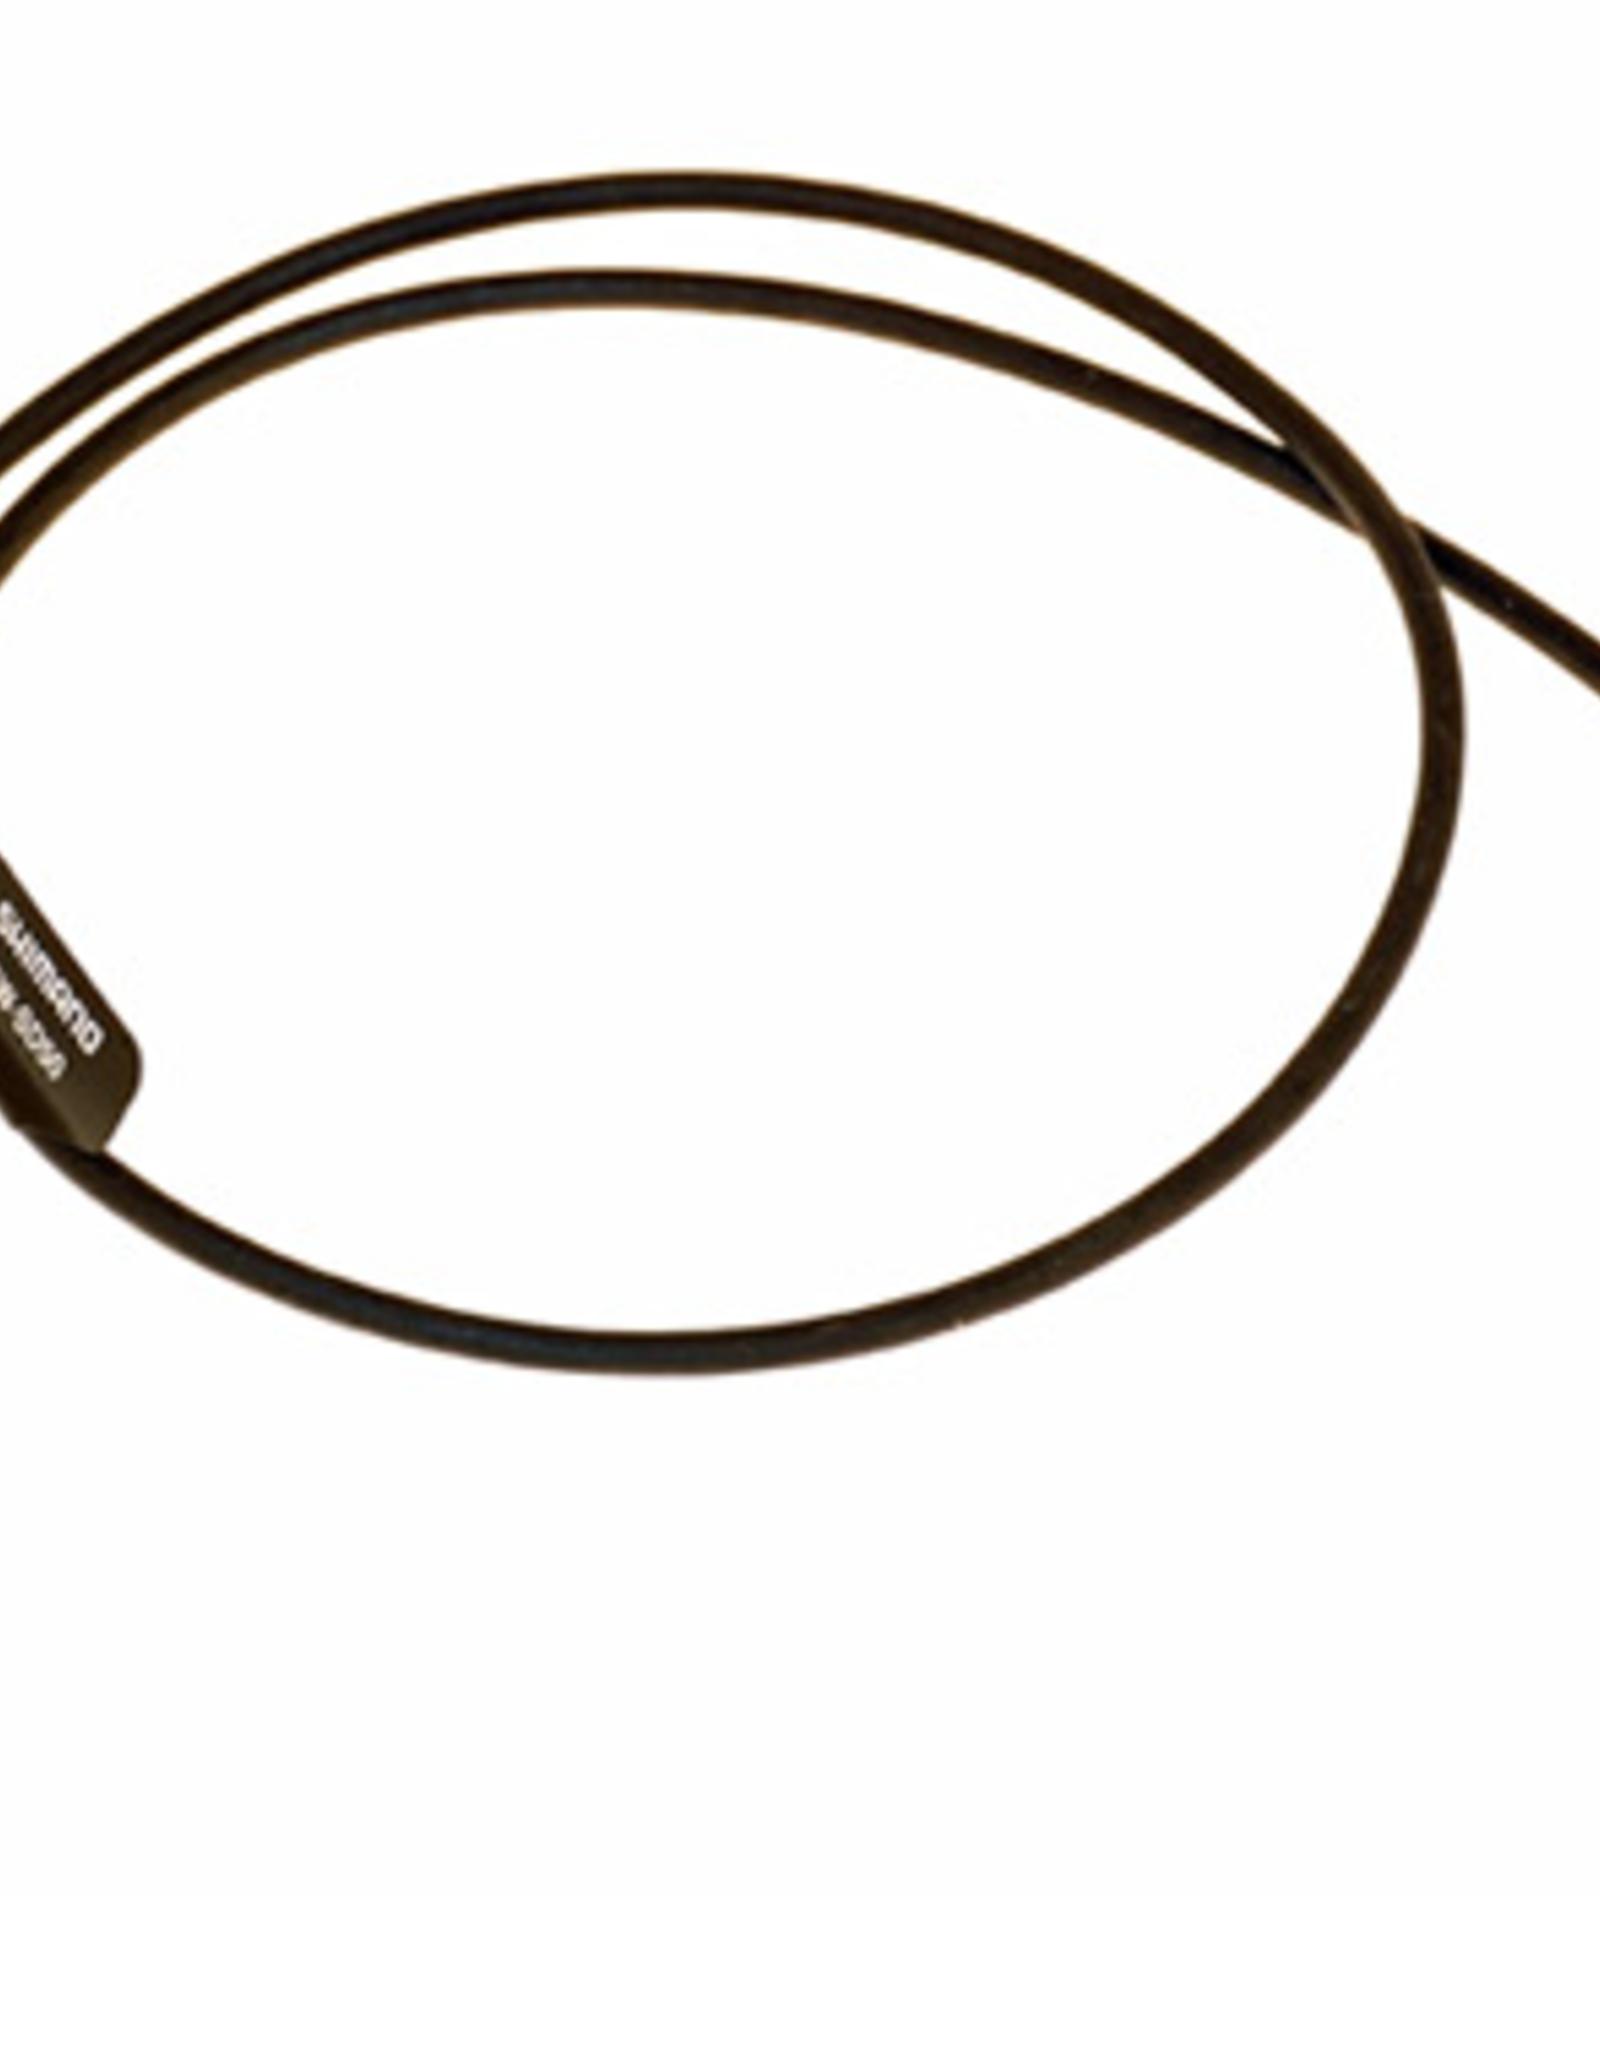 Shimano Shimano EW-SD50 E-tube Di2 electric wire, 550mm